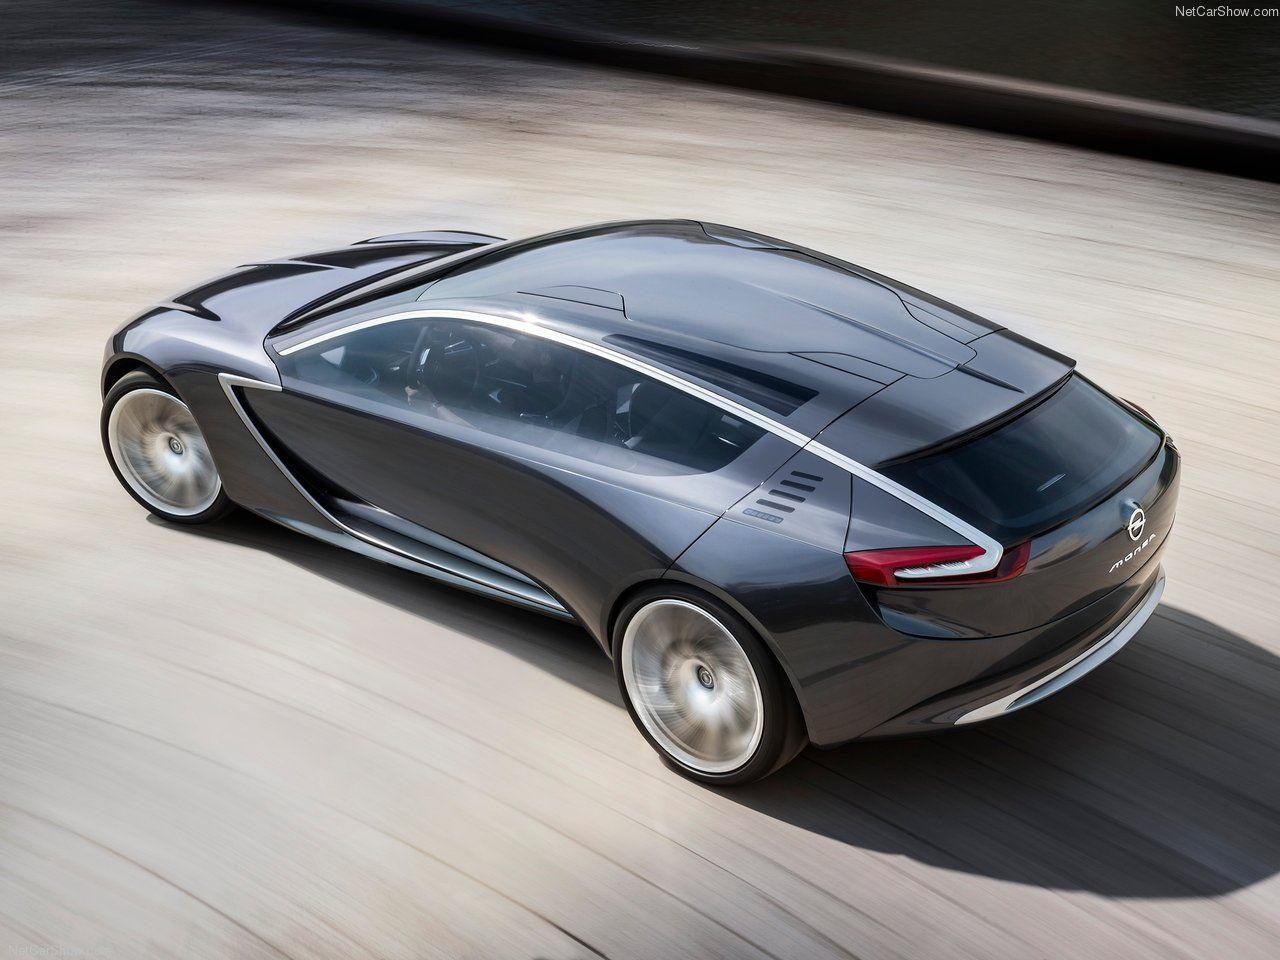 2013 Opel Monza Concept Concept cars, Concept car design